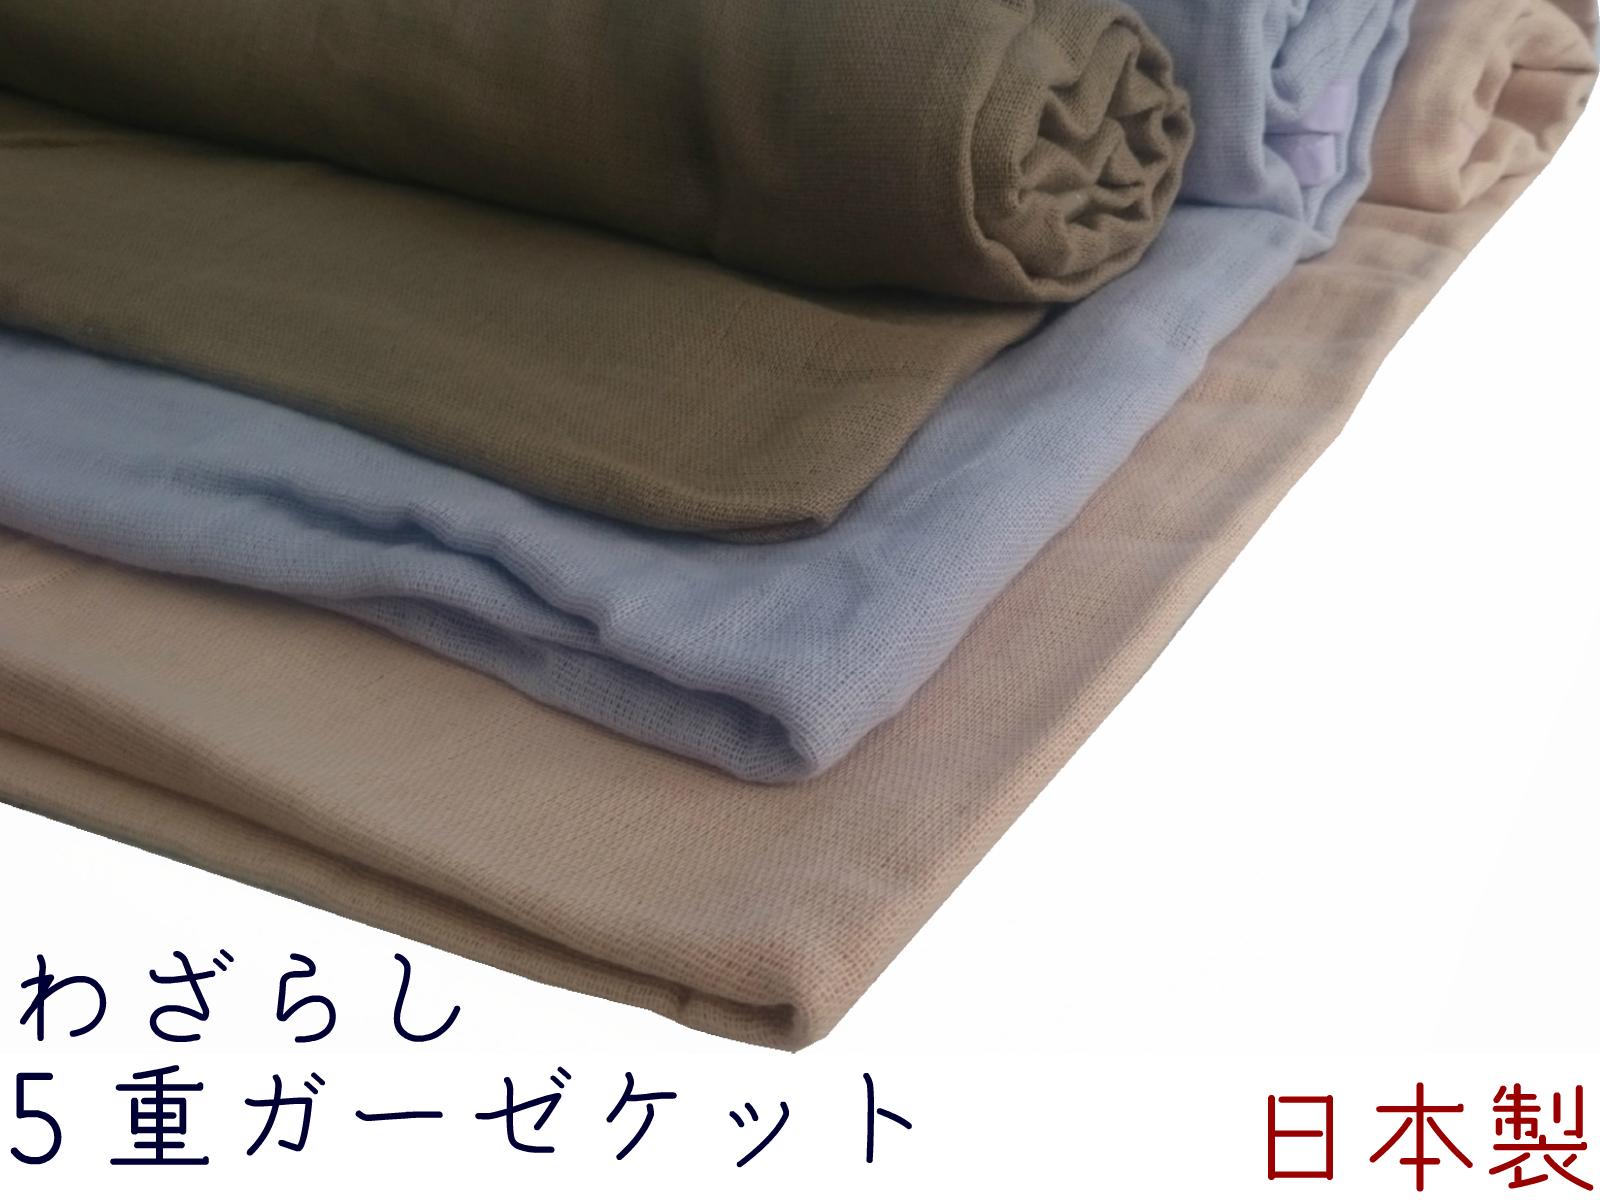 完全送料無料 三河木綿と和晒し加工という伝統ある生地と技術を融合させたふんわり柔らかいガーゼケット150cm×200cm セール品 日本製 三河木綿 和晒し加工5重織ガーゼケット